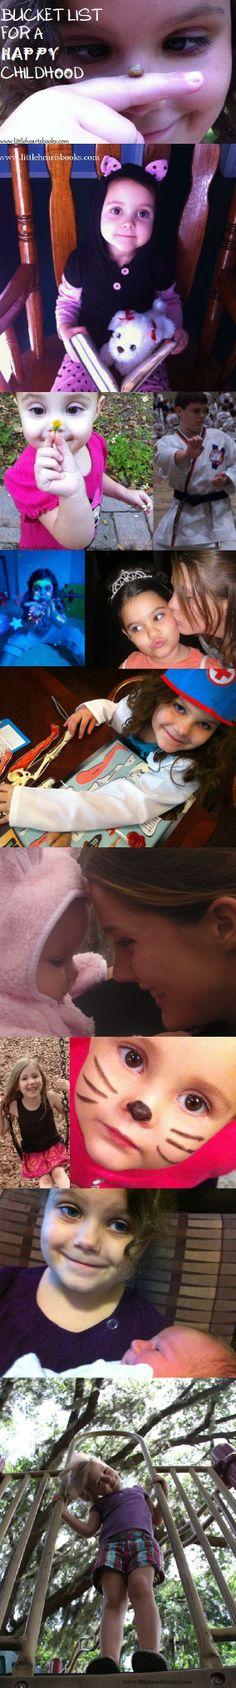 Bucket List for a Happy Childhood <3 www.littleheartsbooks.com